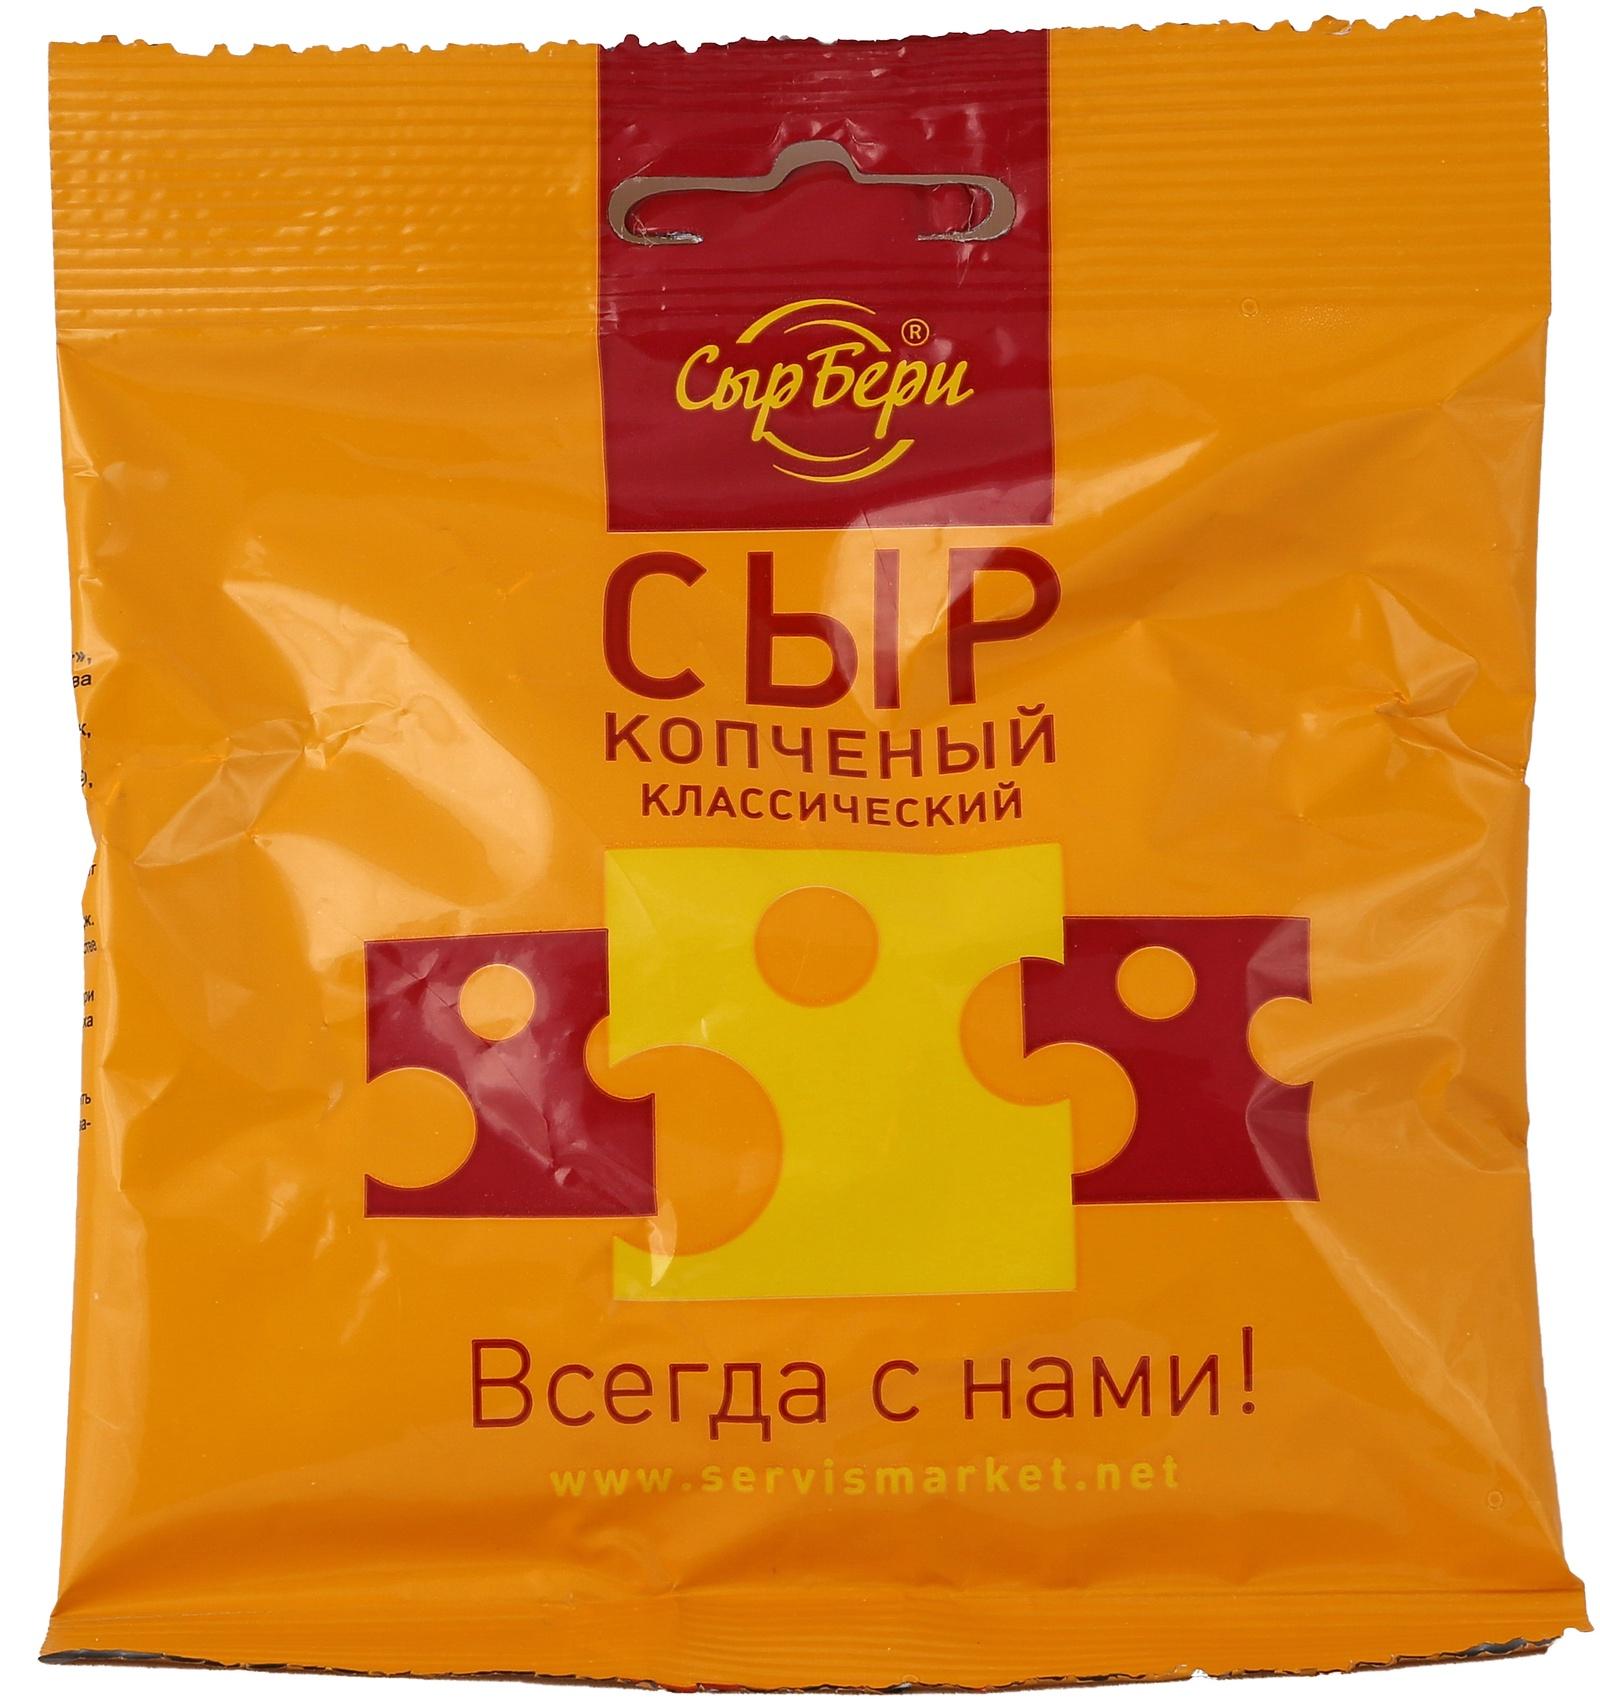 Снэки Сырбери Сыр копченый классический, 30 г